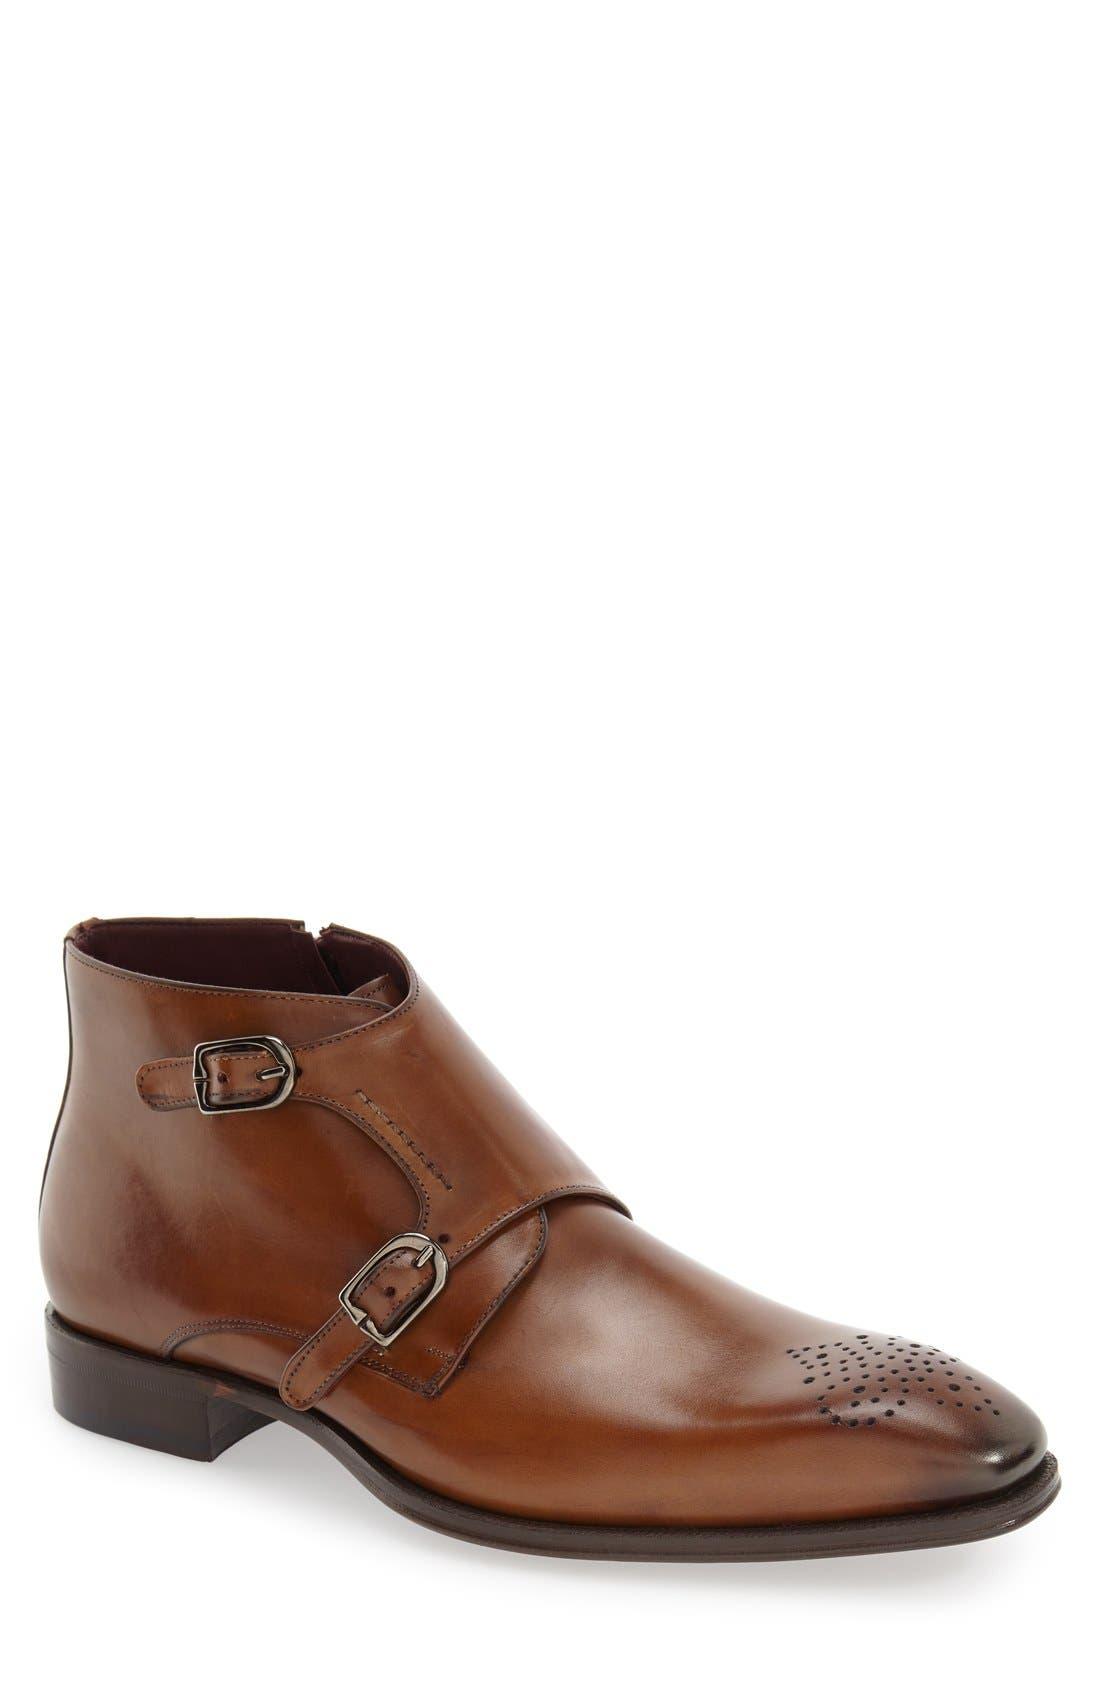 'Rocca' Midi Double Monk Strap Boot,                         Main,                         color, Cognac